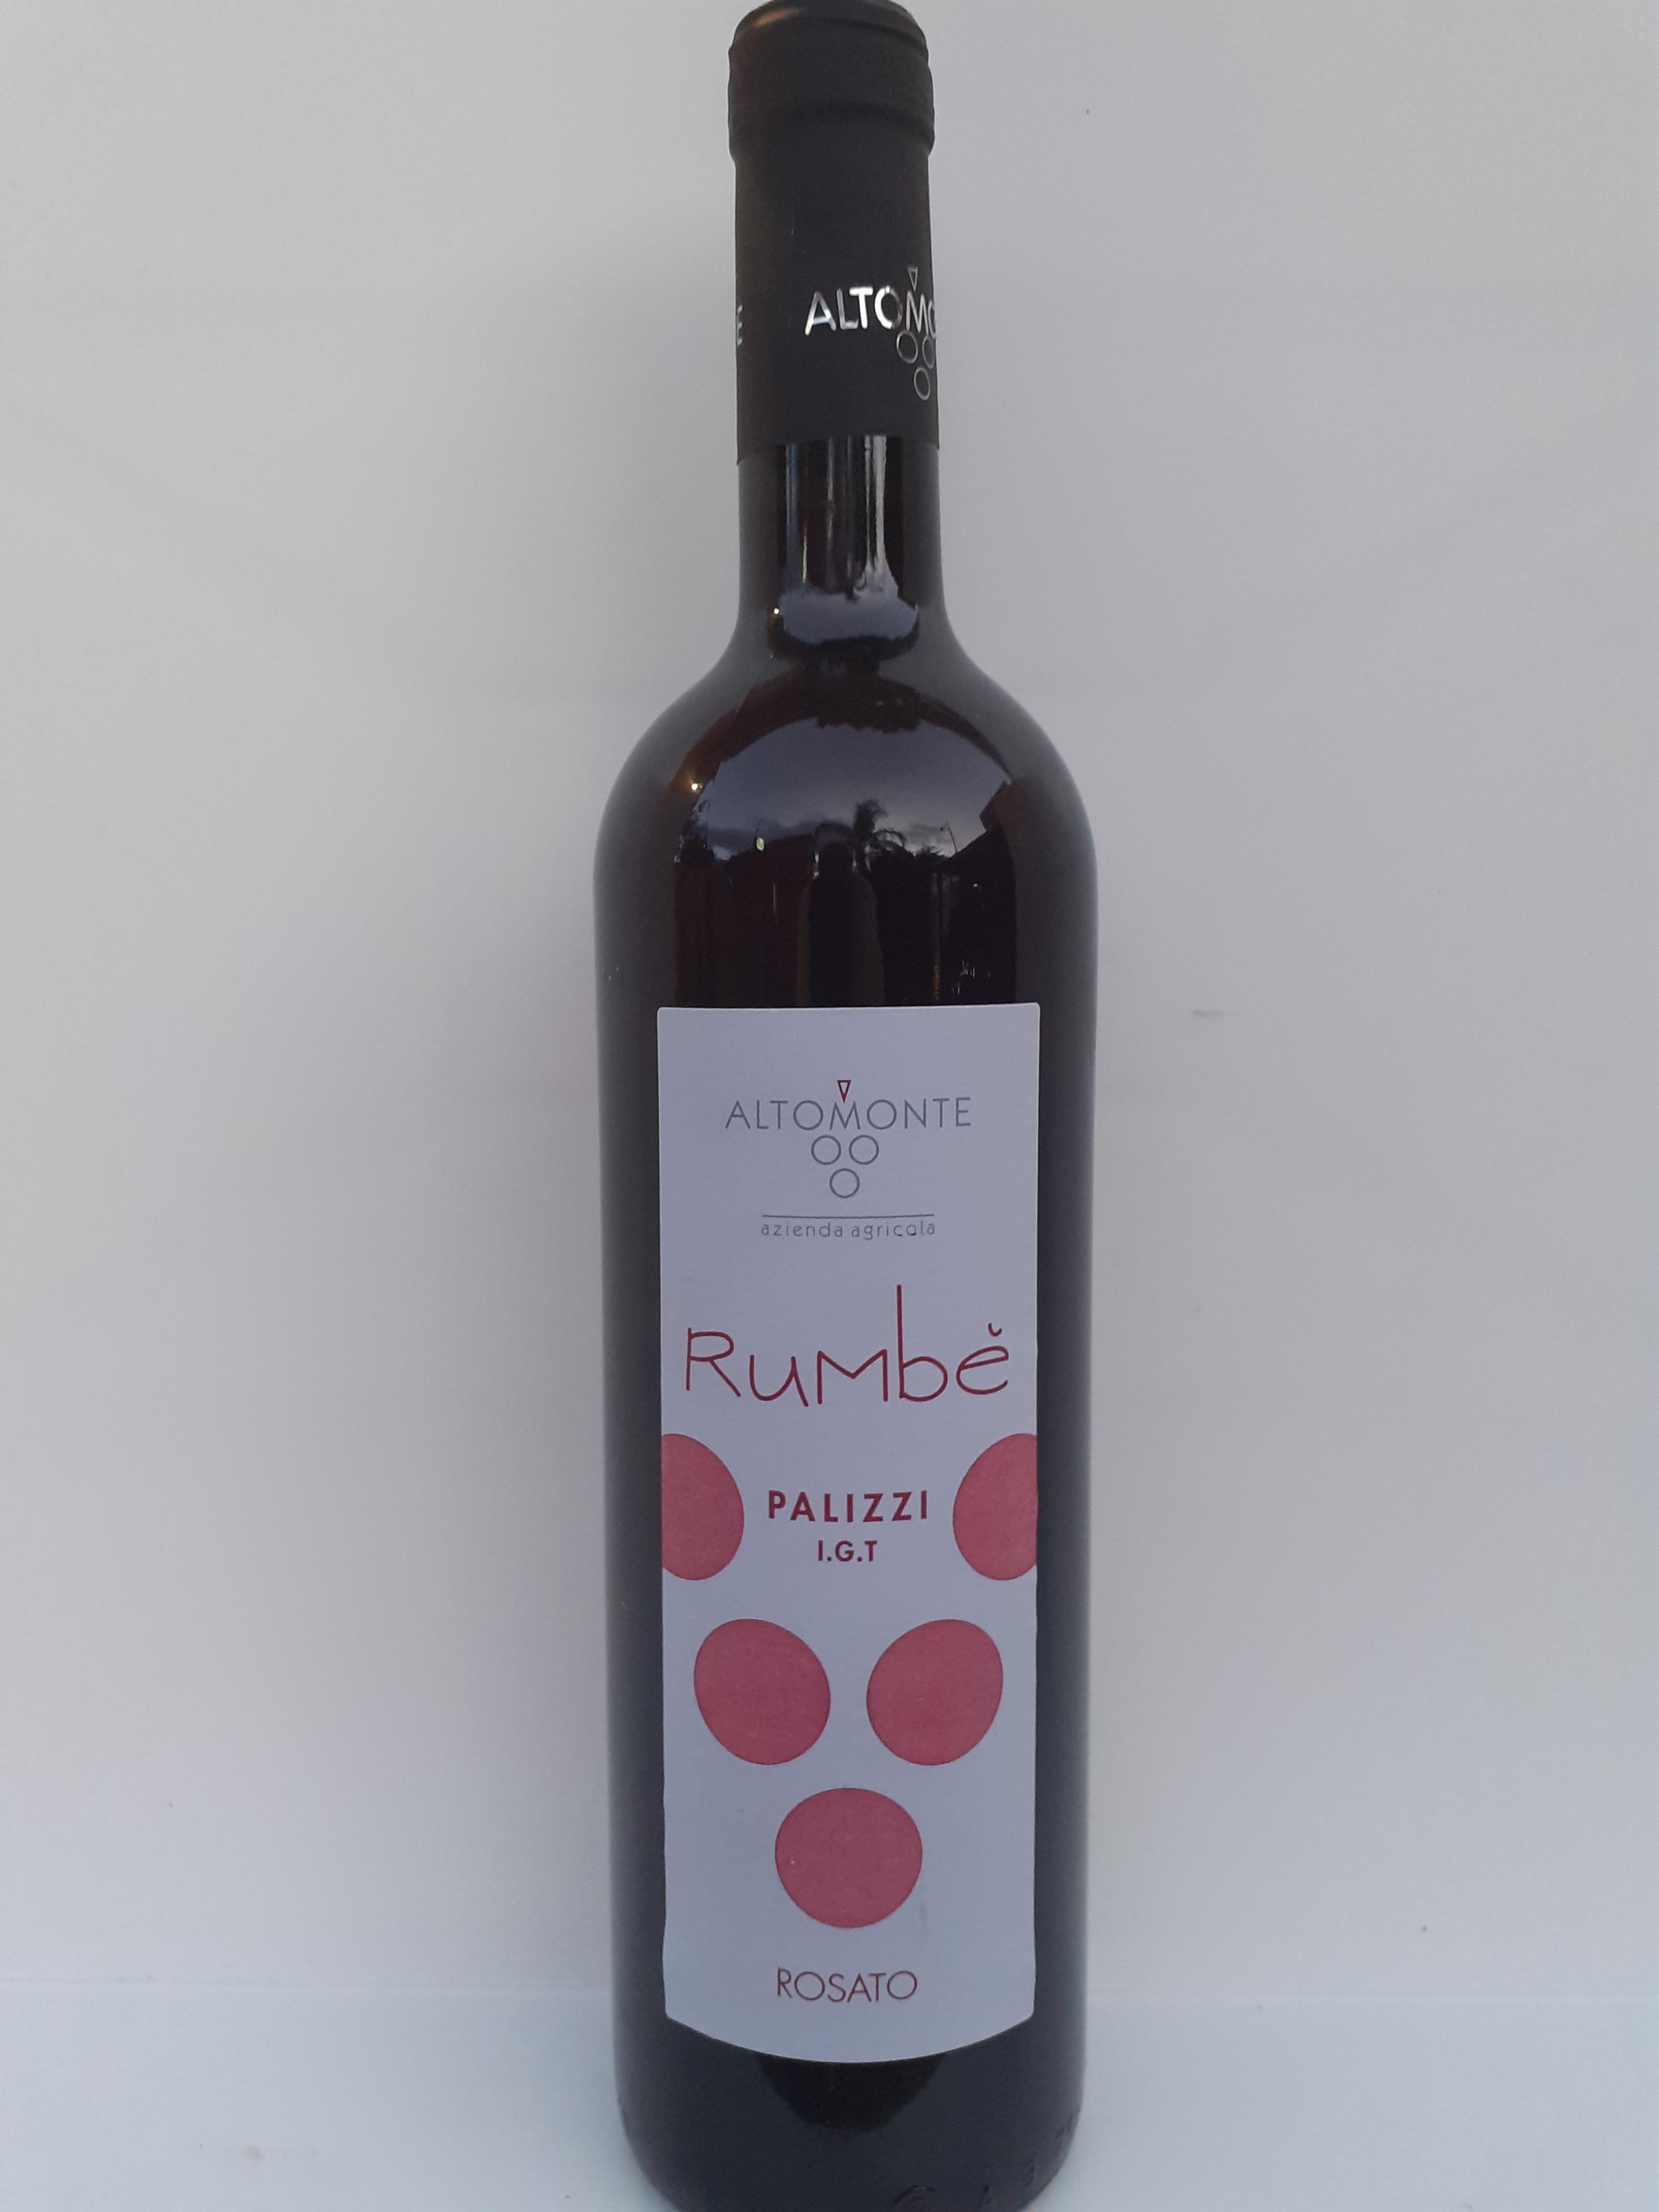 Vino Rose' Rumbe' Palizzi I.G.T. 750 ml dell' Azienda Agricola Altomonte Antonino Palizzi (RC)